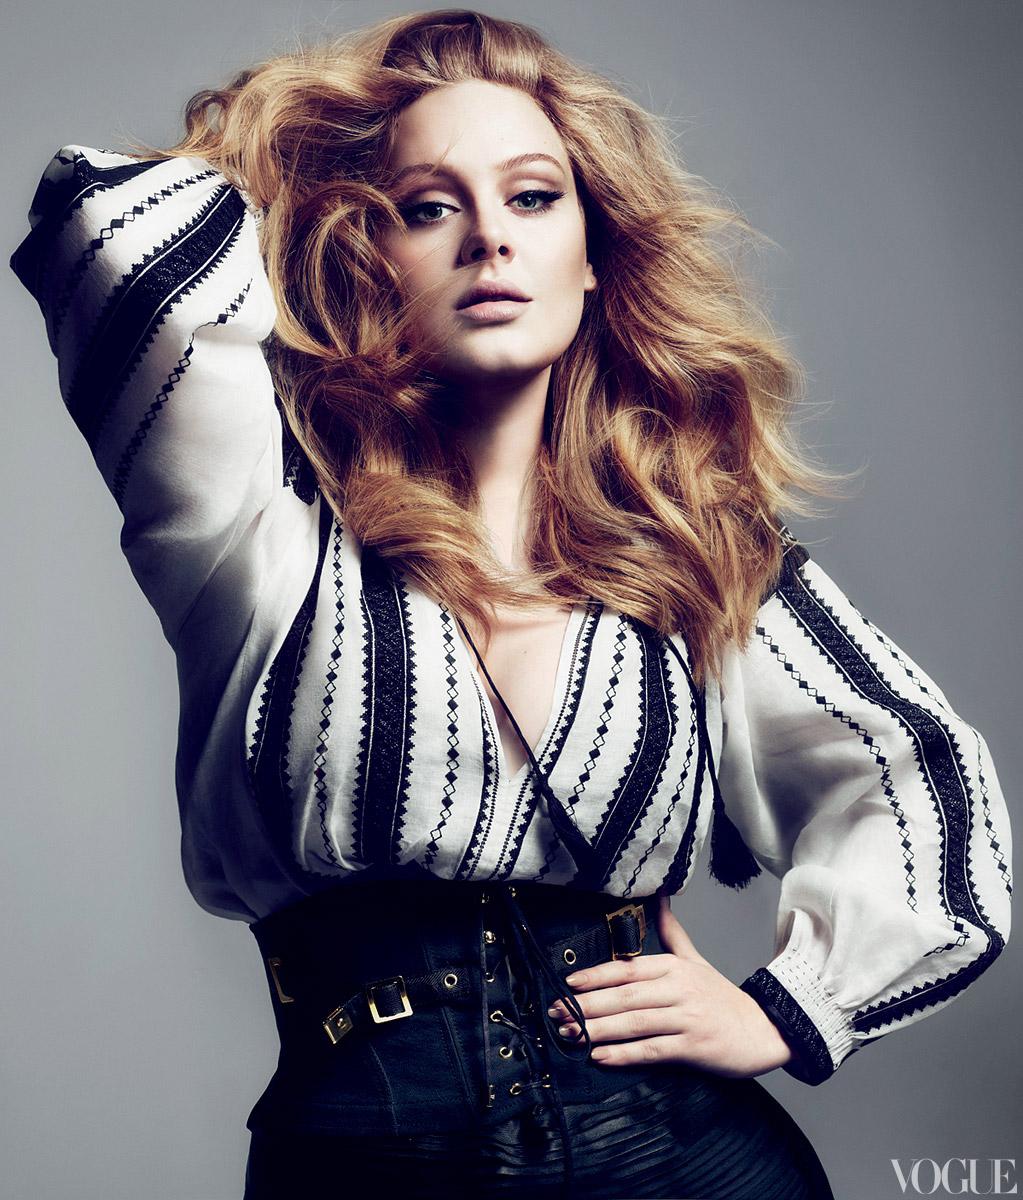 Adele a lavoro per il nuovo album? Arriva smentita ufficiale